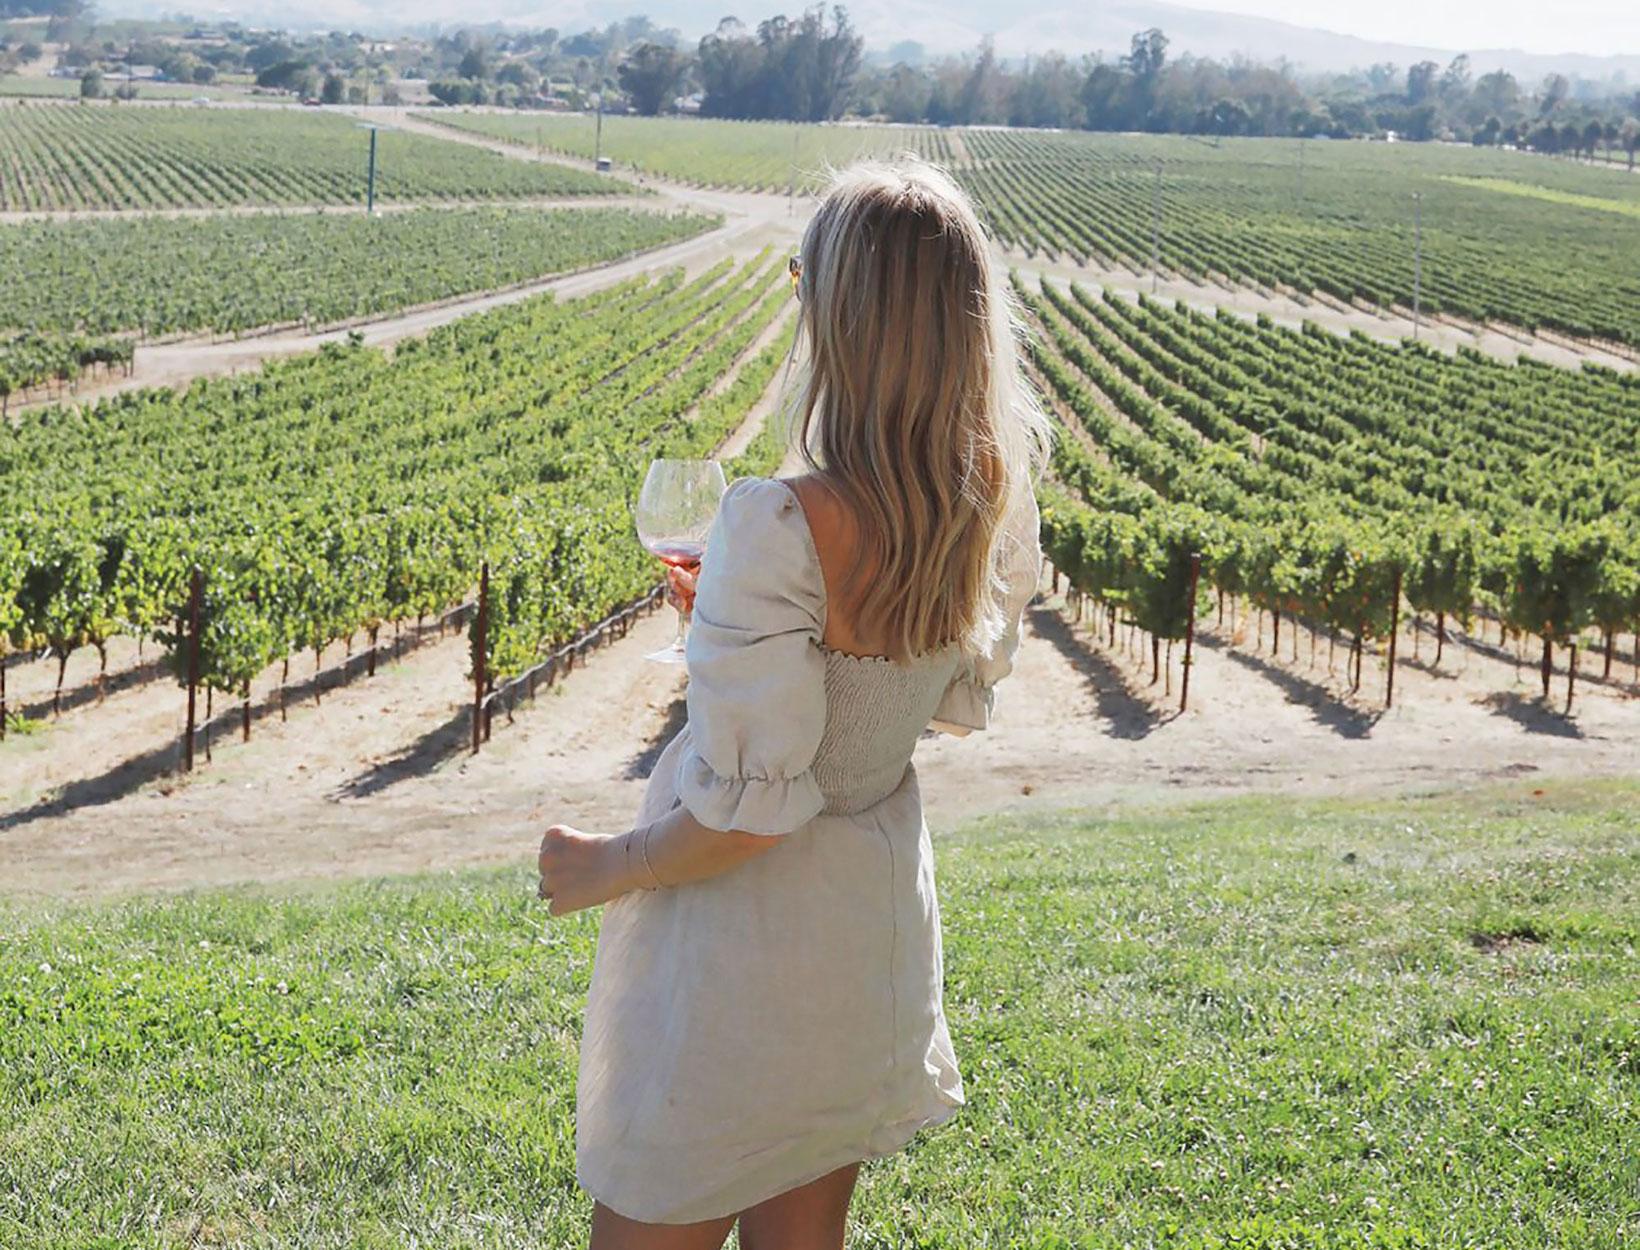 woman in a sundress drinking wine outside